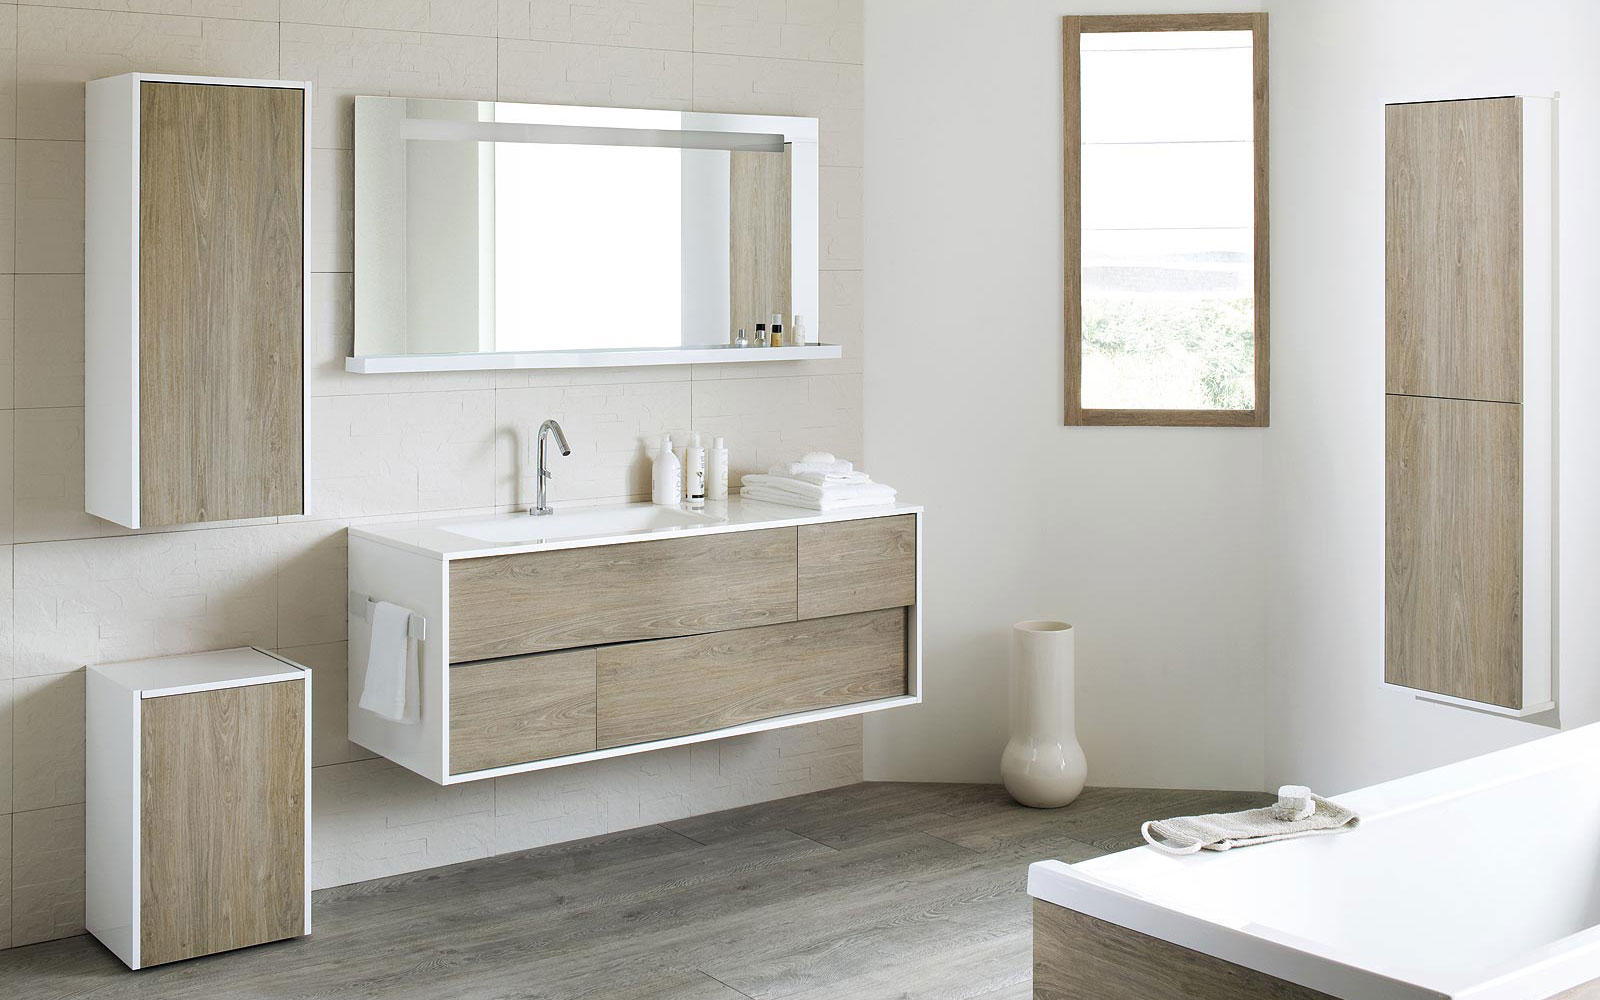 Meuble de salle de bain bois blanc - maison parallele